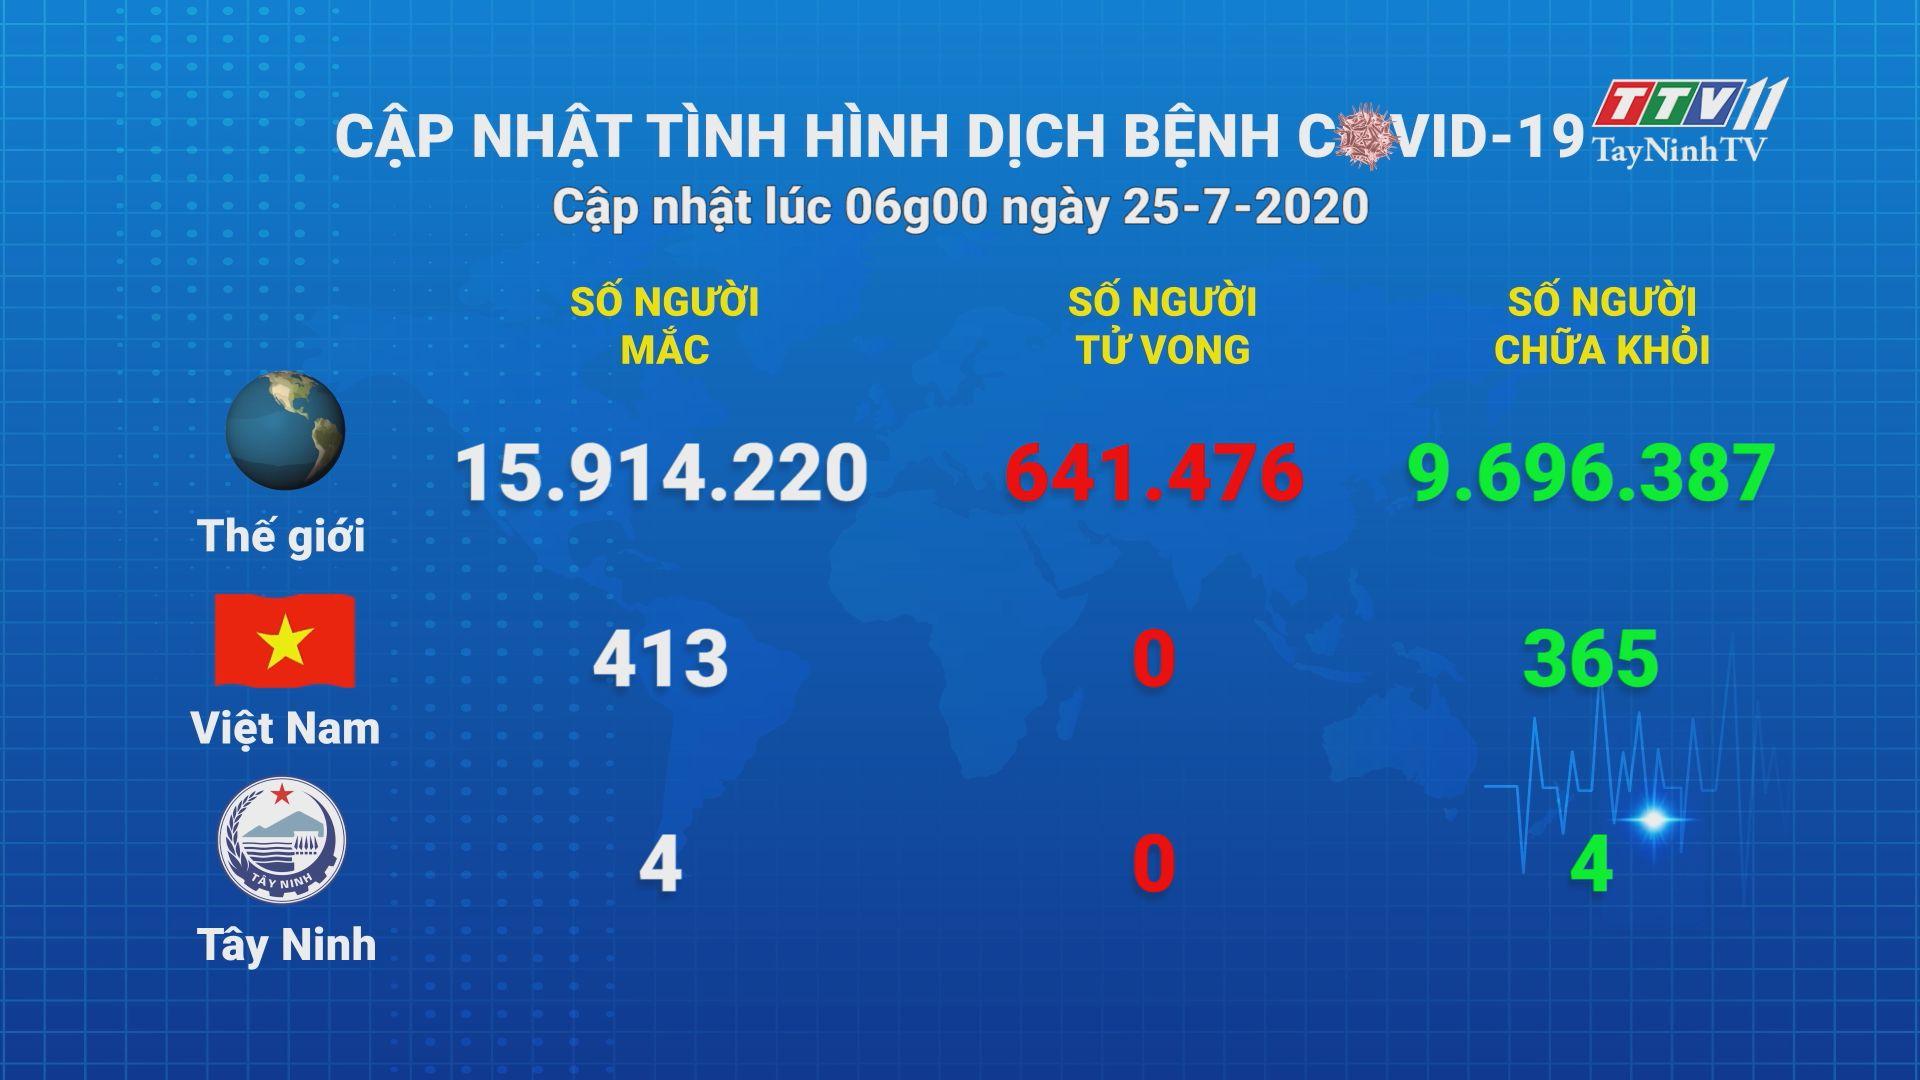 Cập nhật tình hình Covid-19 vào lúc 06 giờ 25-7-2020 | Thông tin dịch Covid-19 | TayNinhTV